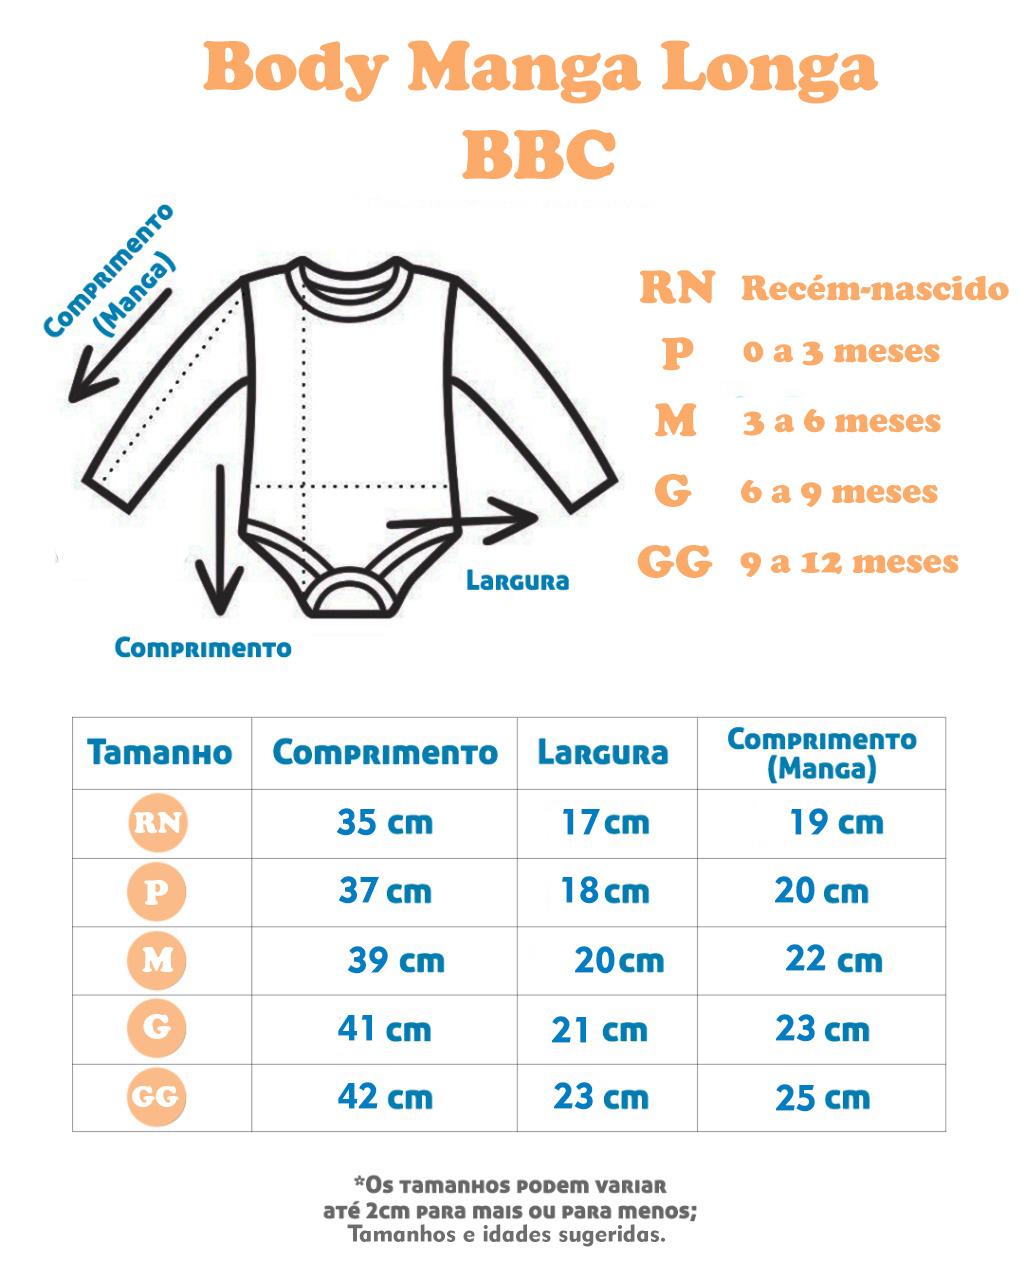 Body Manga Longa Coelhinha Rosa (RN/P/M/G/GG)